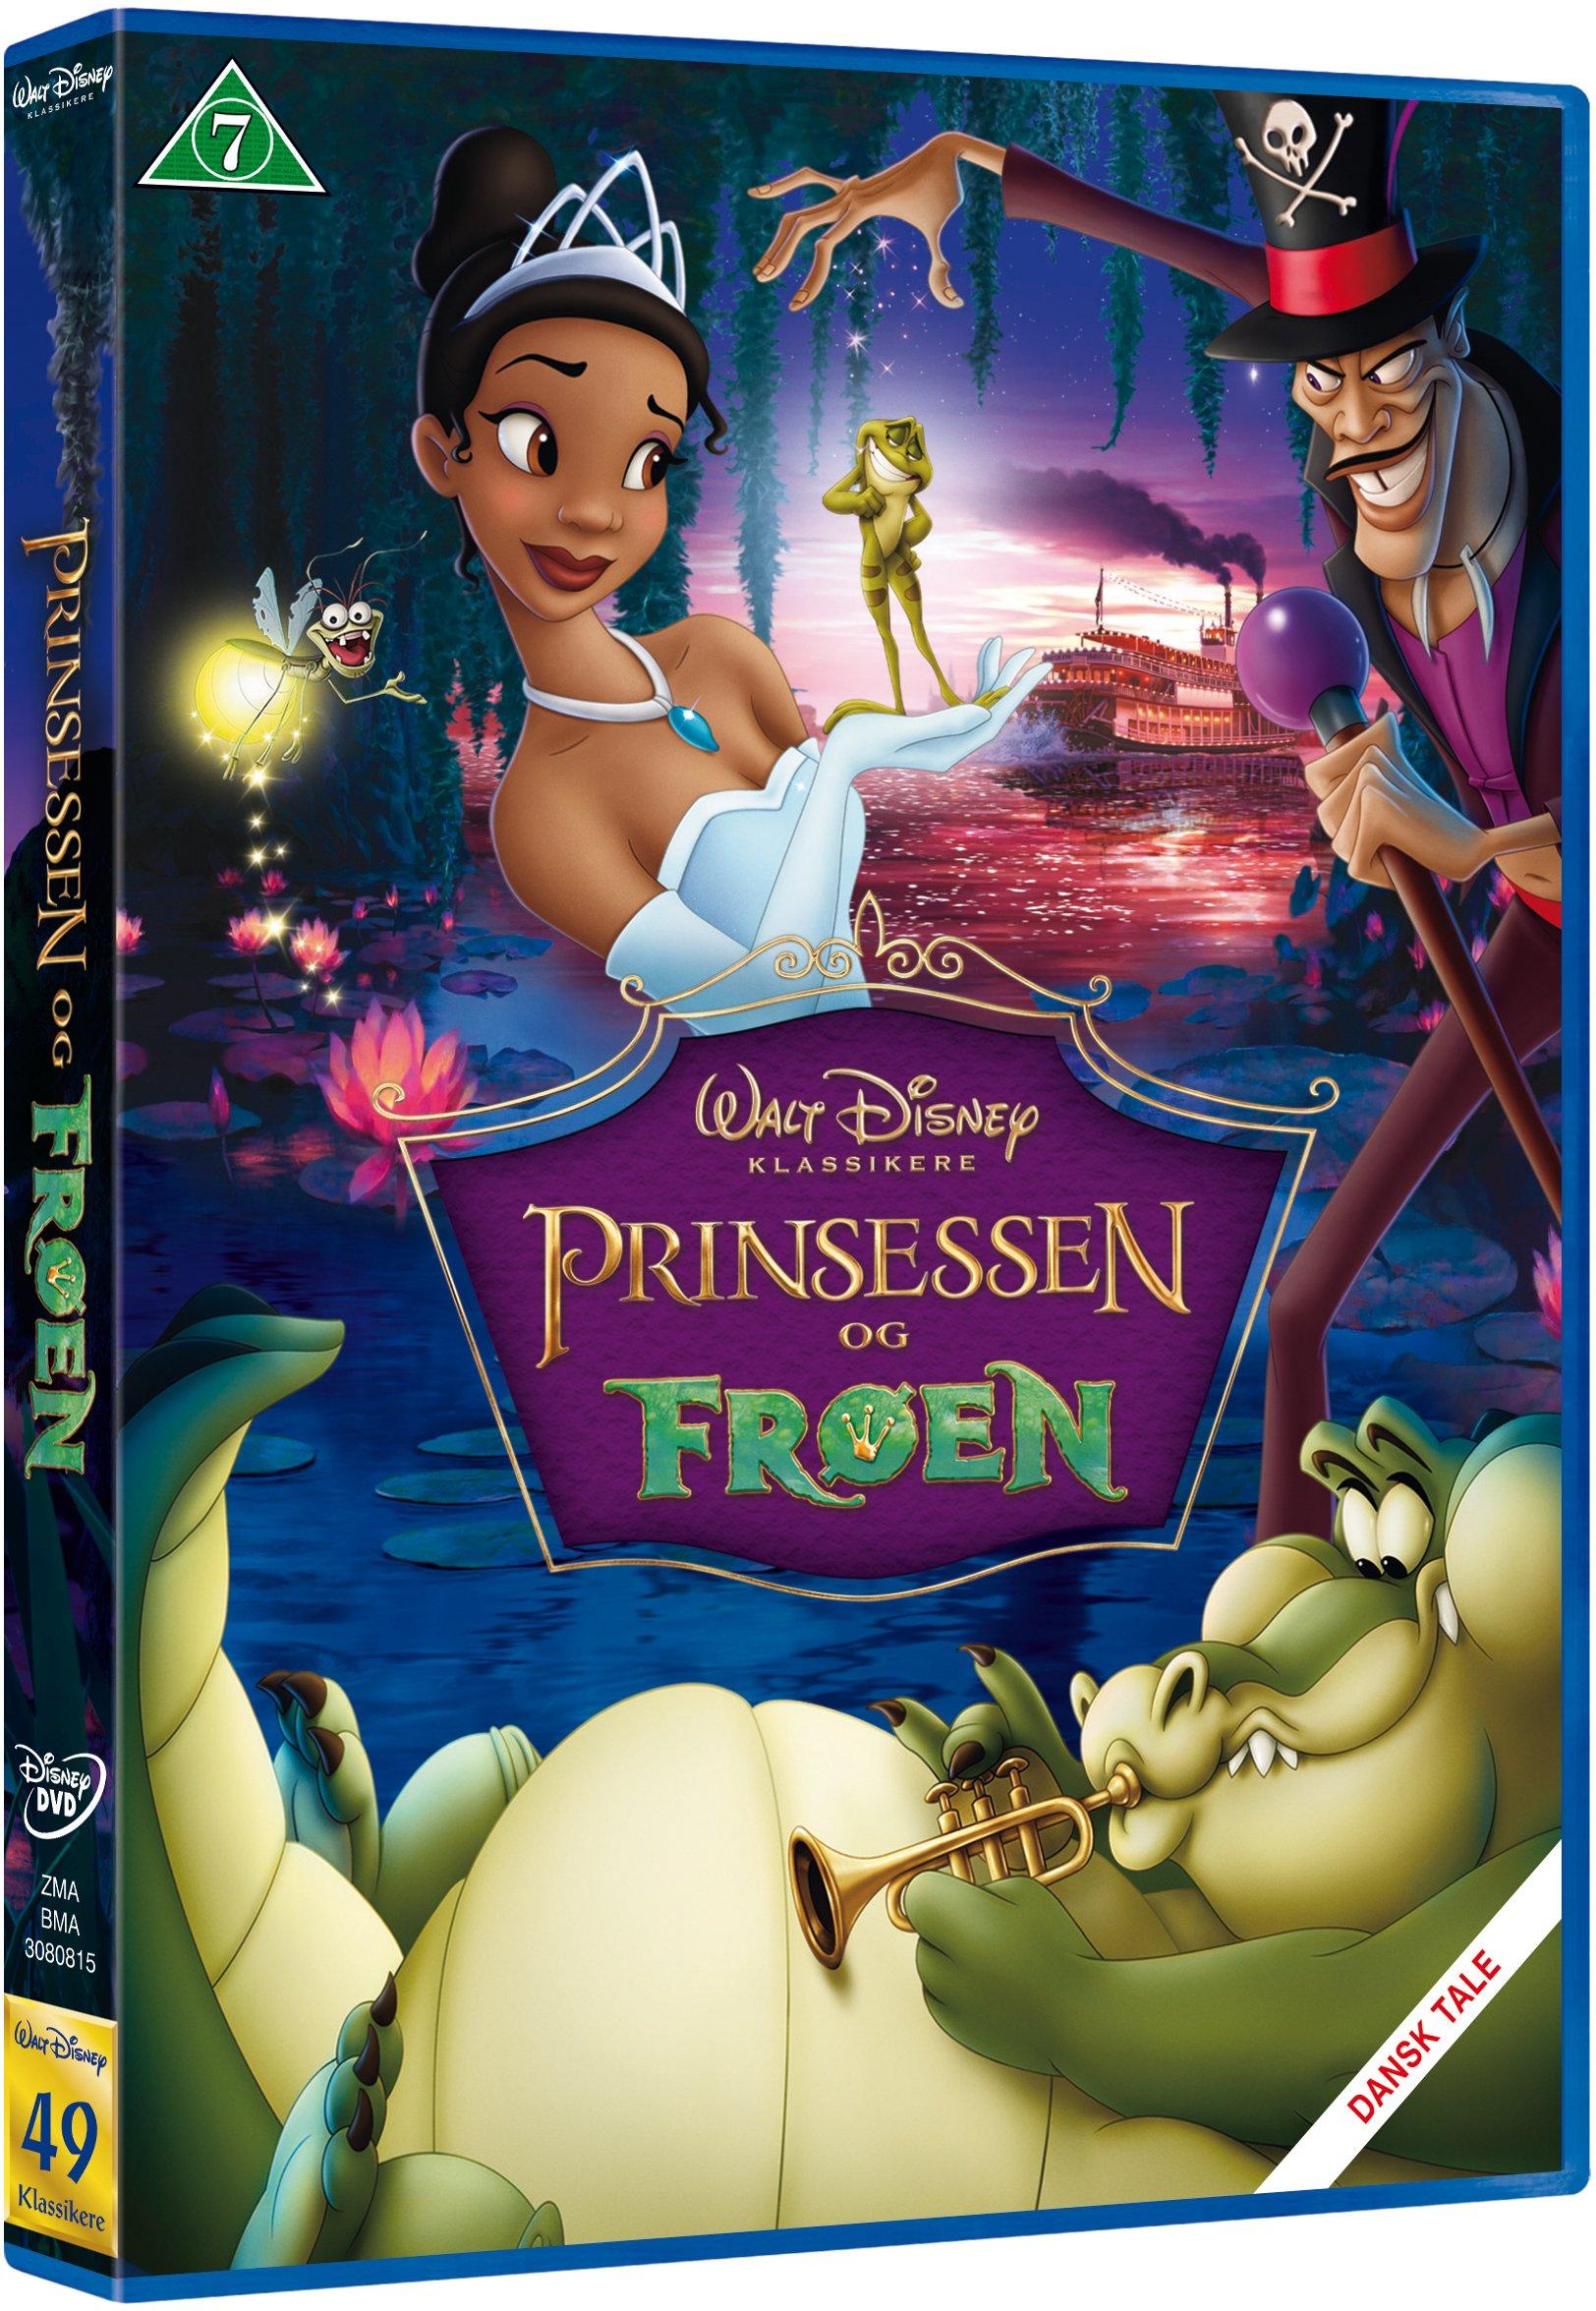 Prinsessen og frøen Disney classic #49